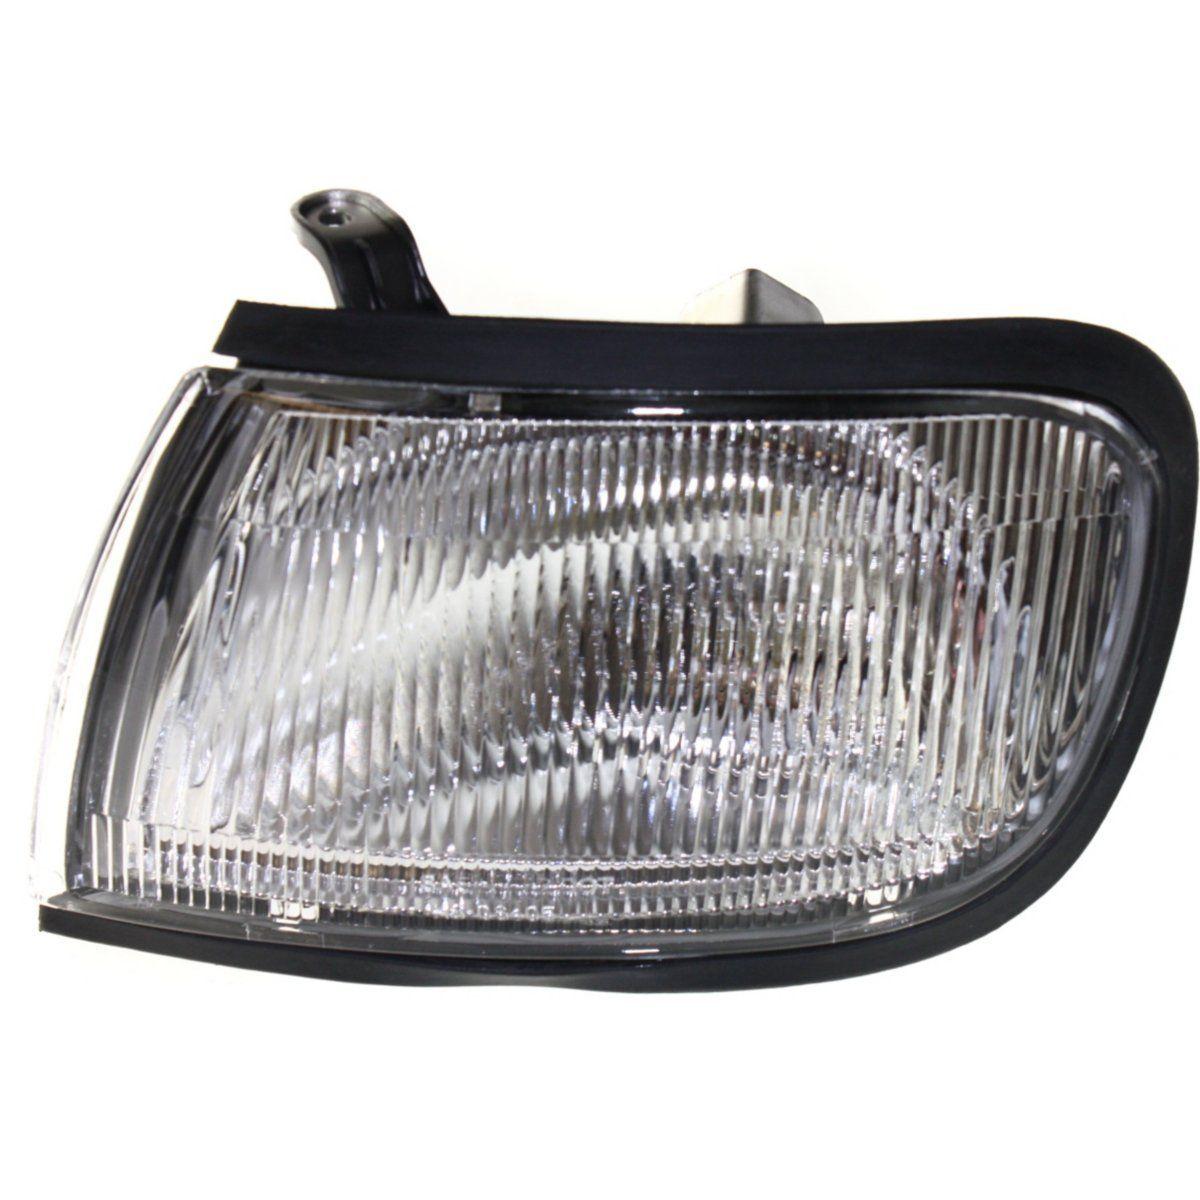 コーナーライト Corner Light For 95-96 Nissan Maxima Driver Side w/ Bulb コーナーライト95-96日産マキシマドライバサイドw /電球